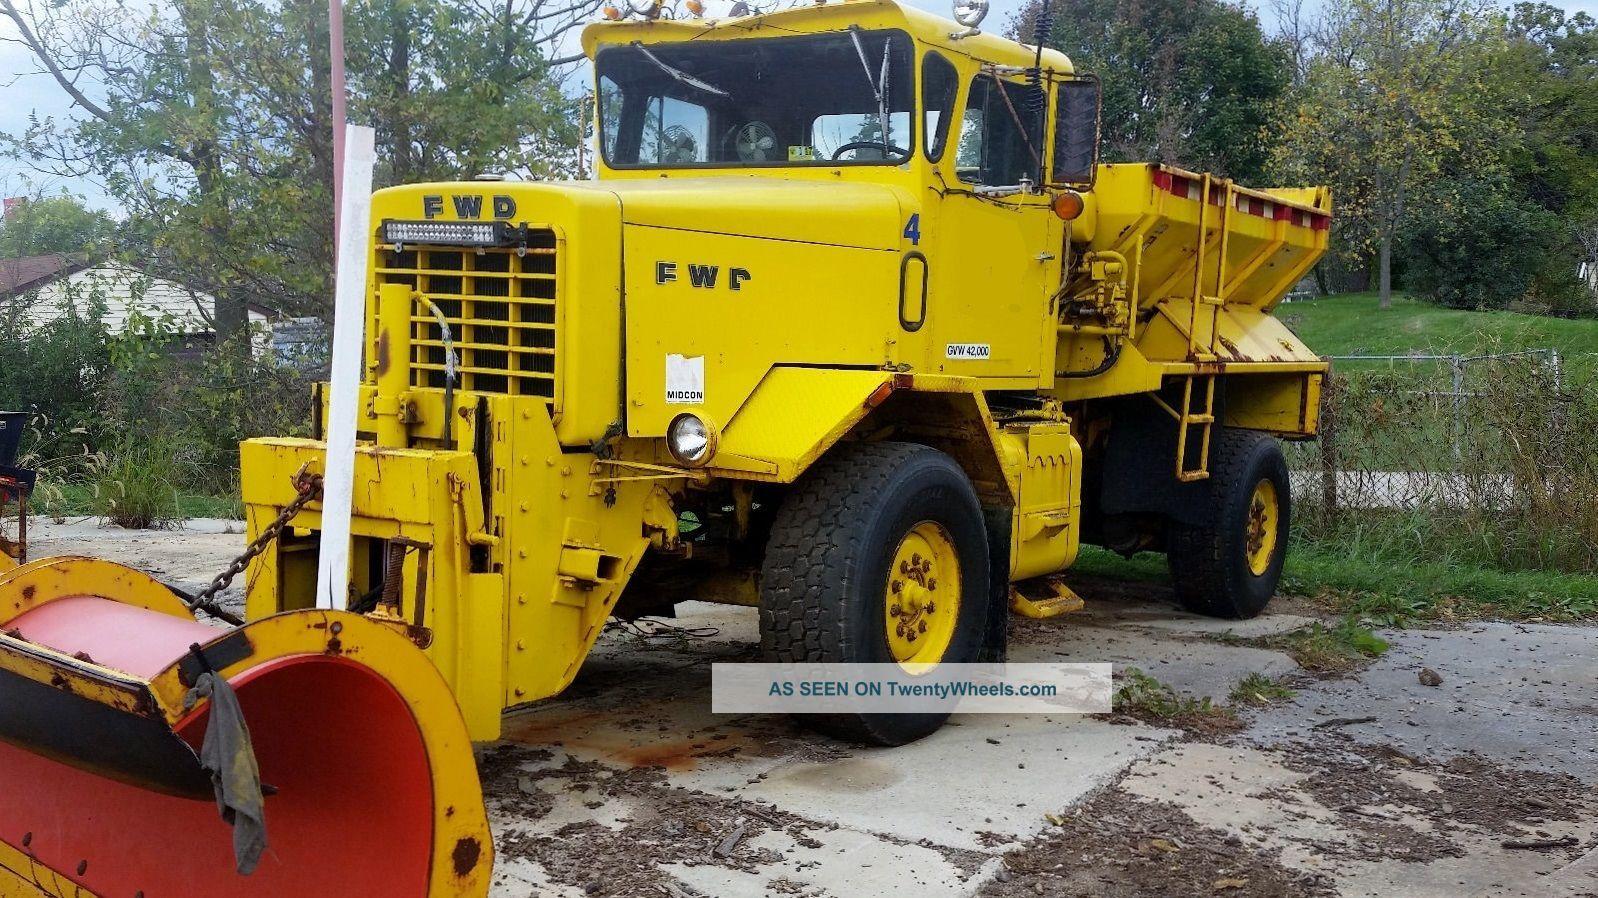 1988 Oshkosh Fwd Other Heavy Duty Trucks photo